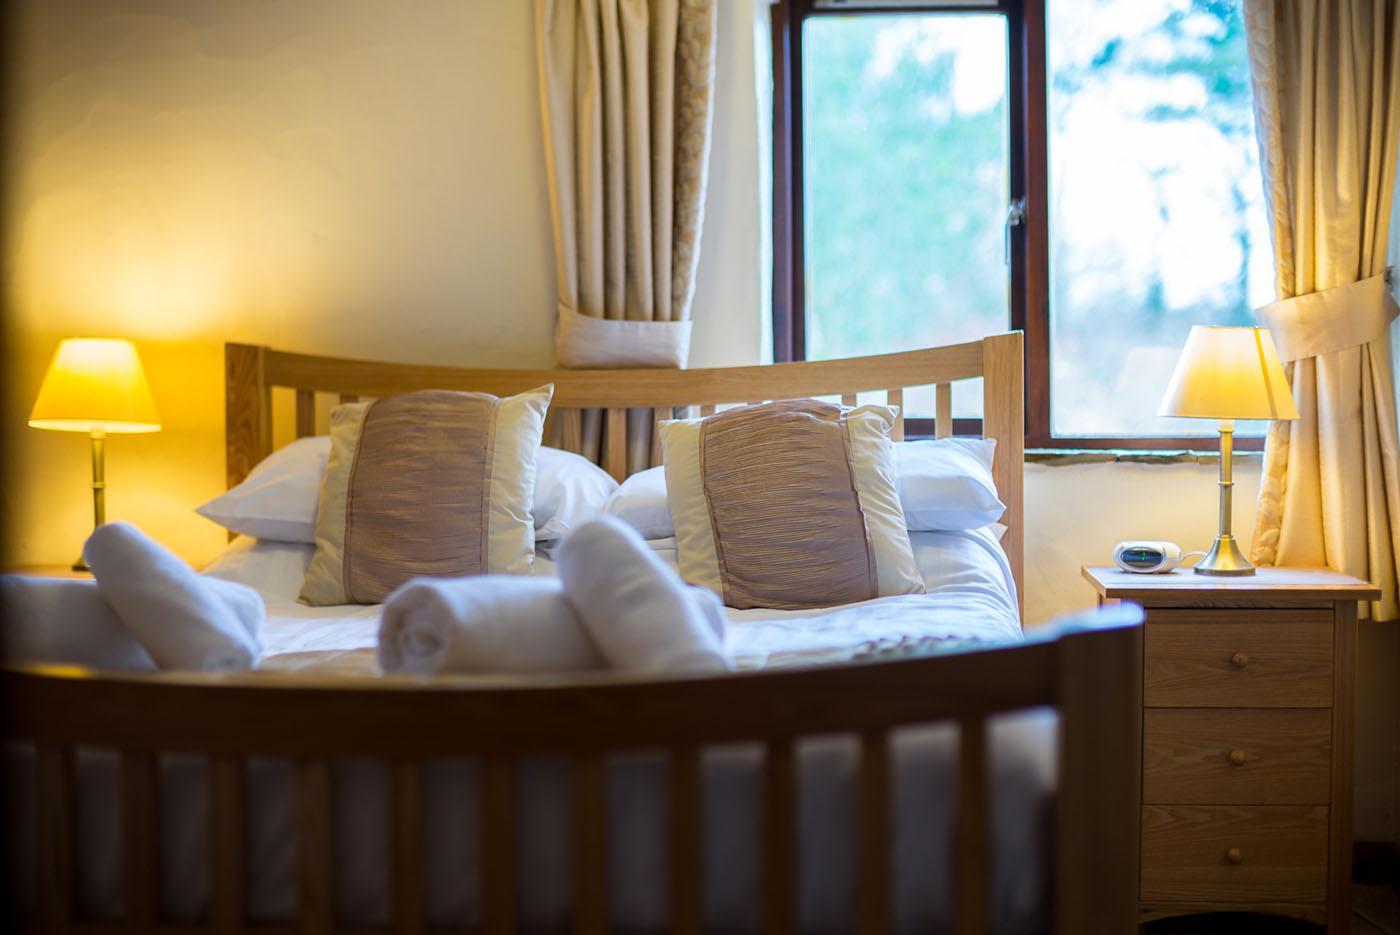 Upper mill bedroom pillows